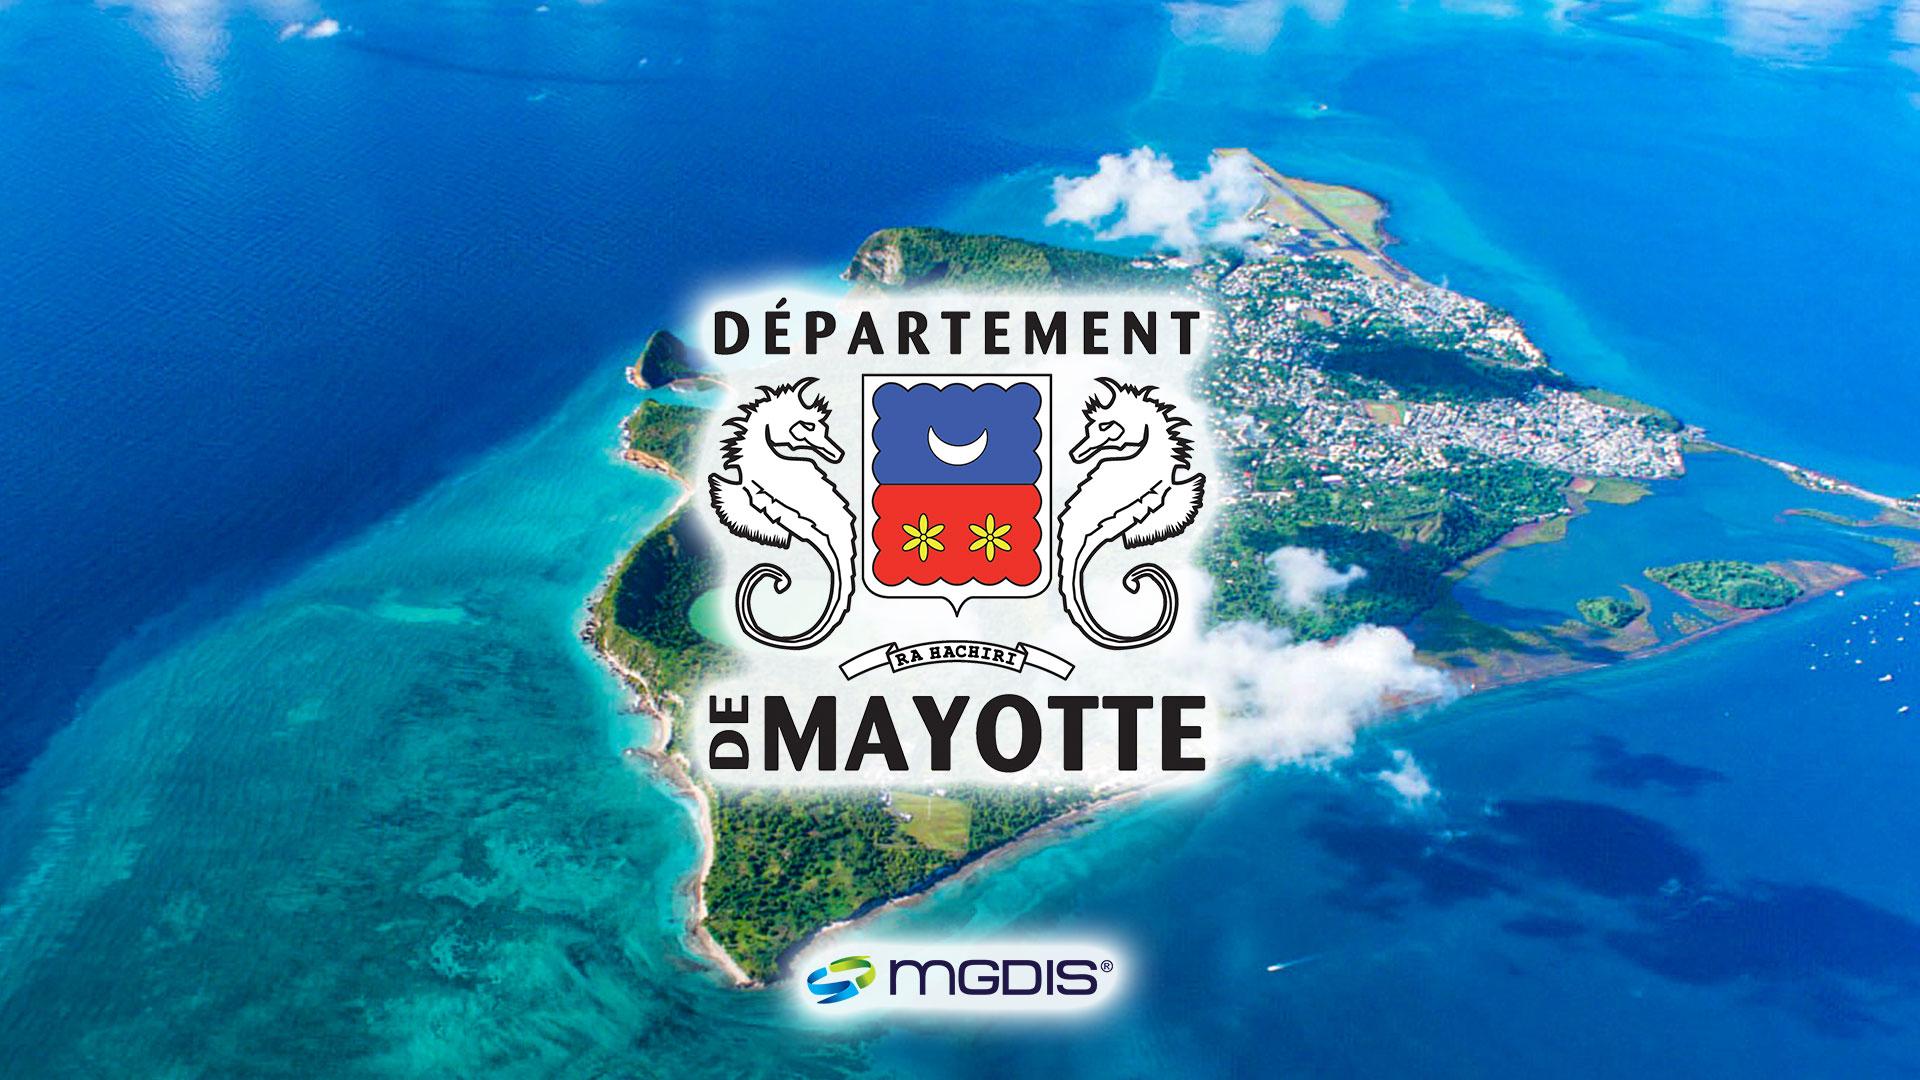 Le Département de Mayotte déploie des dispositifs d'aides d'urgence en autonomie grâce au Portail des Aides édité par MGDIS